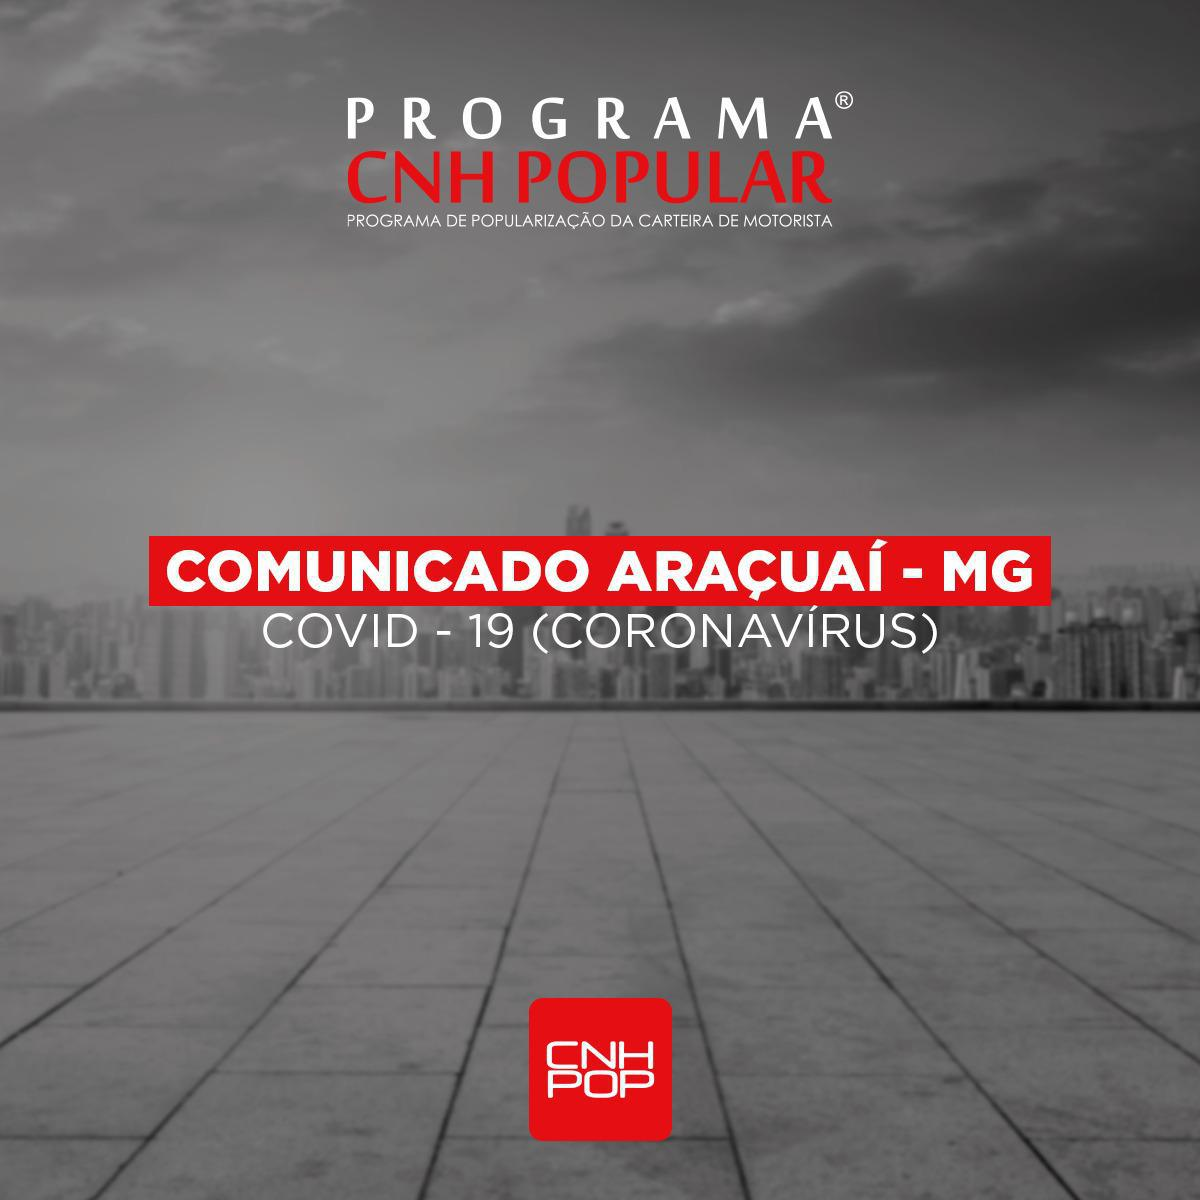 ATENÇÃO ARAÇUAÍ - COMUNICADO!